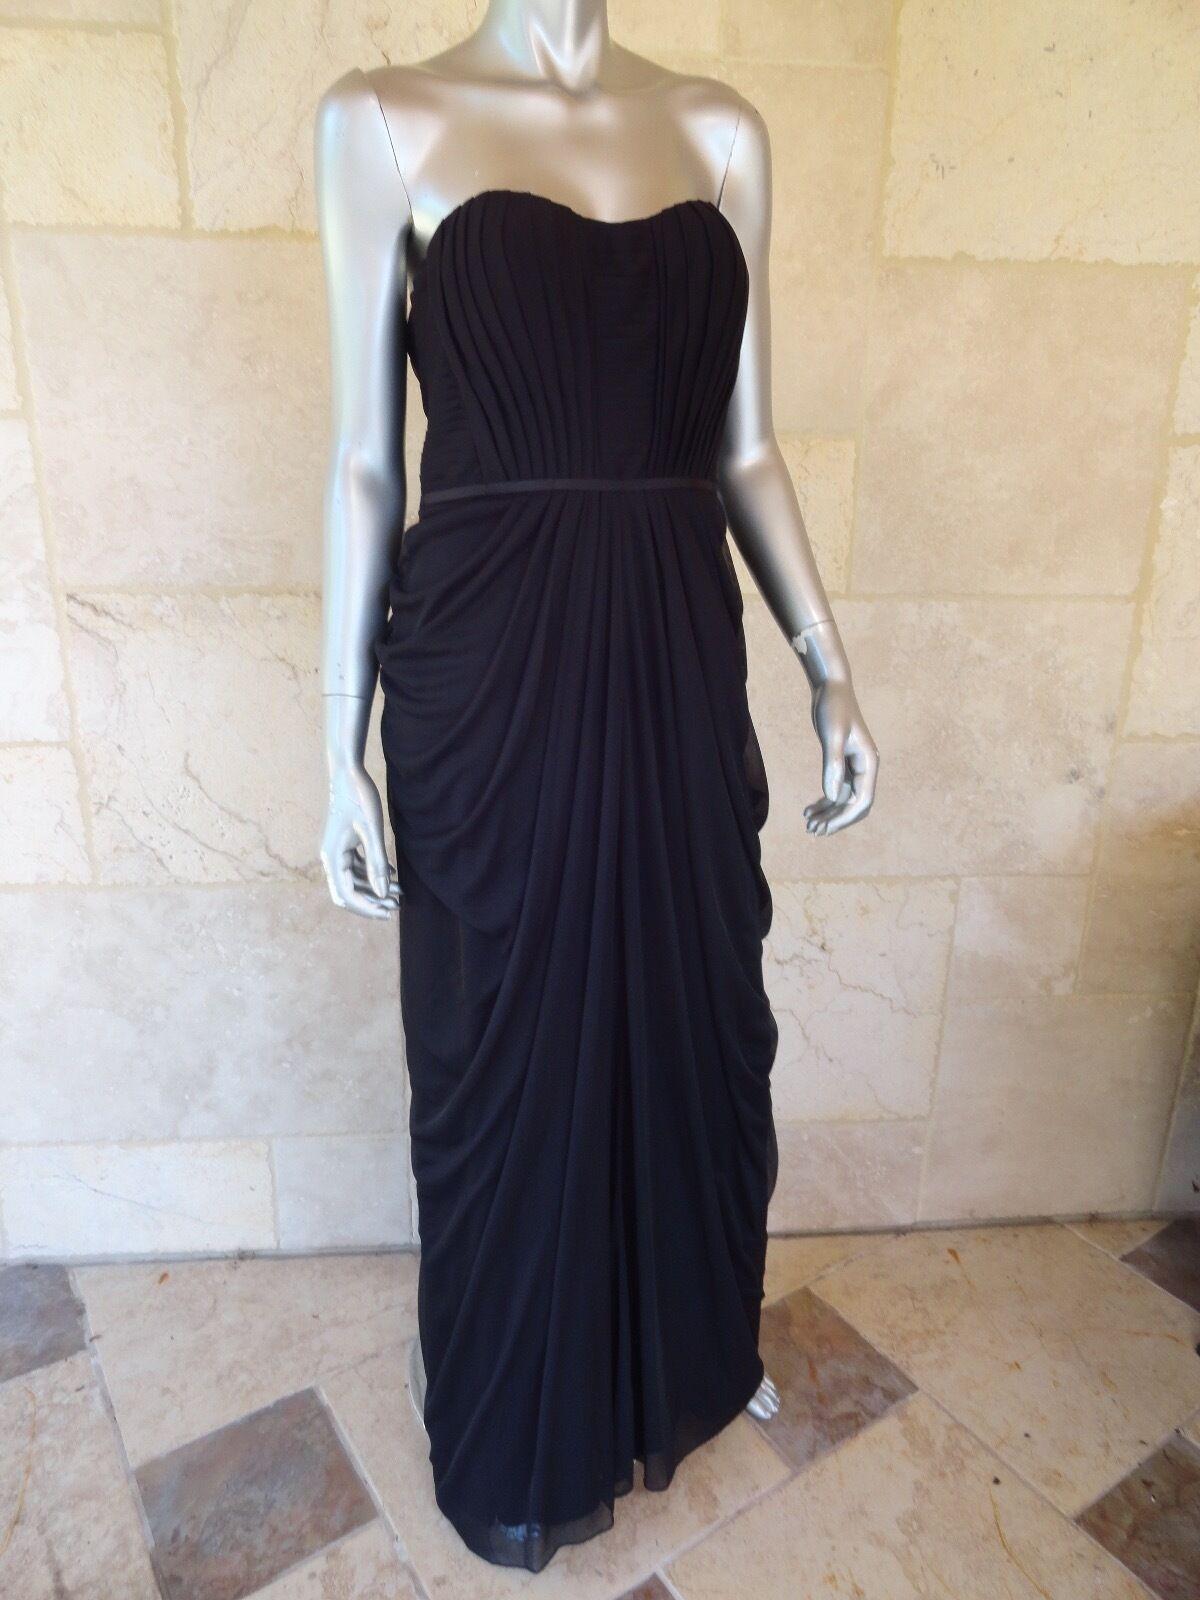 229 JS BOUTIQUE Noir Buscravater en mousseline de soie court robe de soirée Robe SZ 8 Neuf avec étiquettes